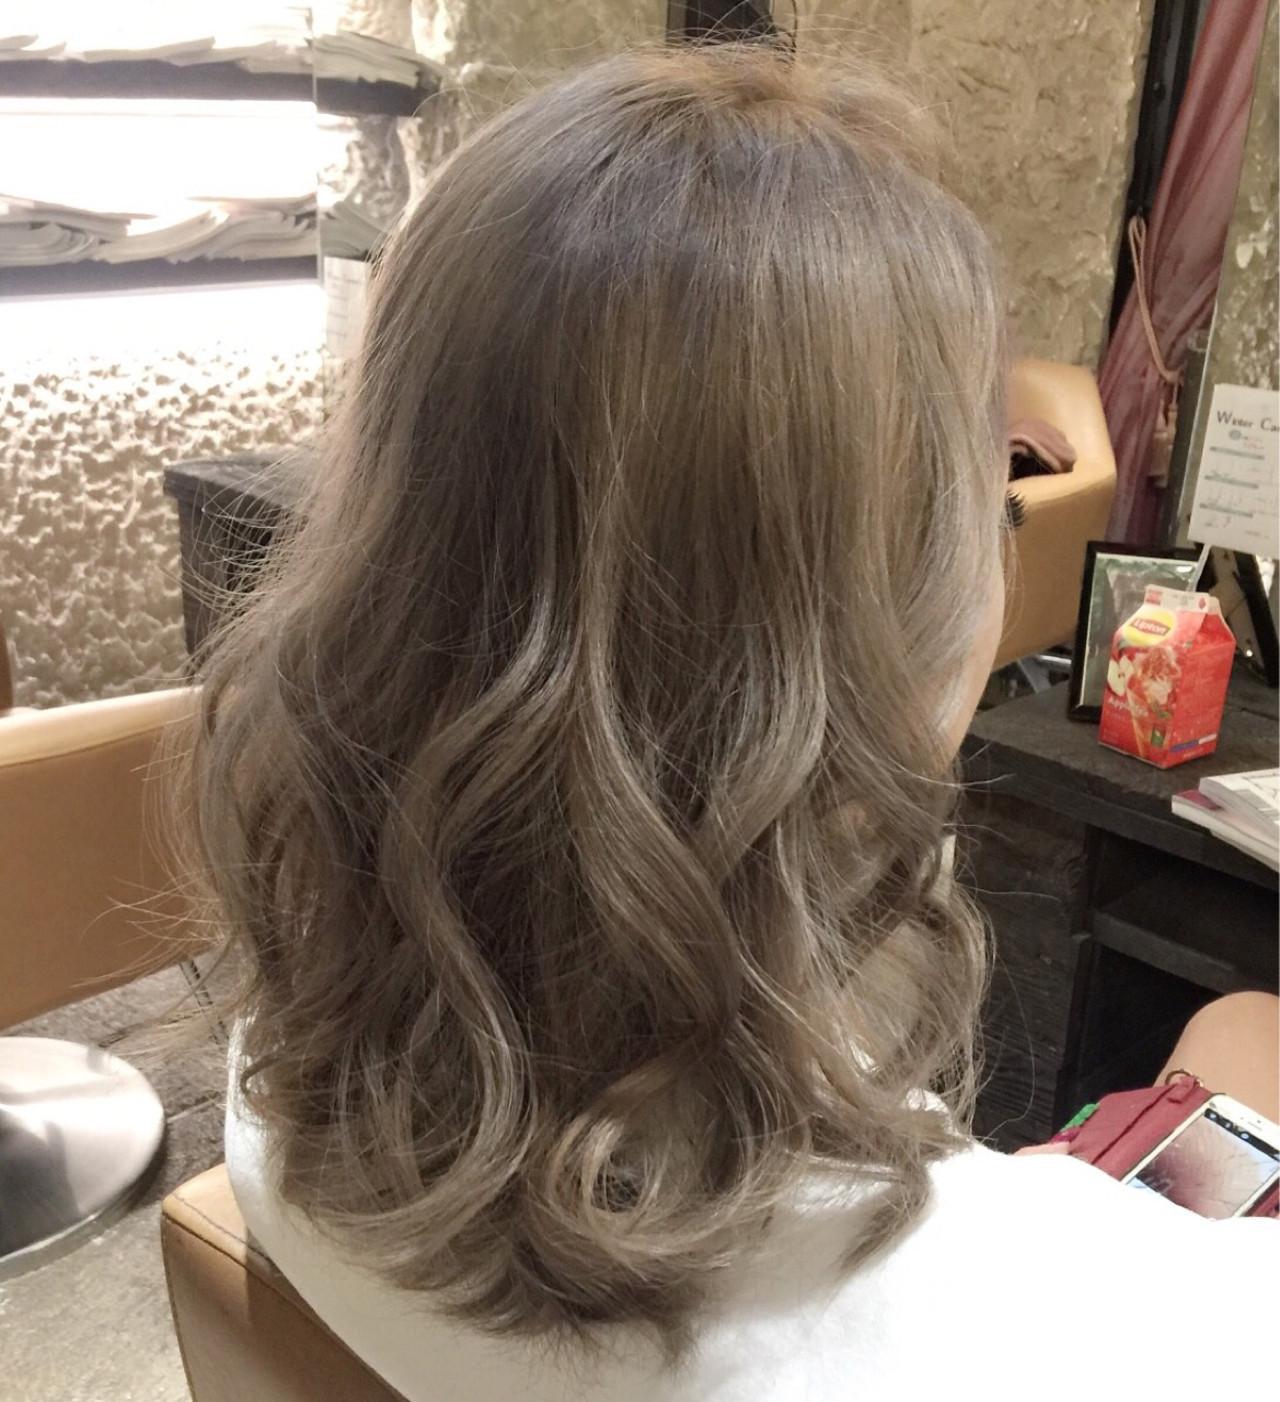 セミロング 渋谷系 ストリート アッシュ ヘアスタイルや髪型の写真・画像